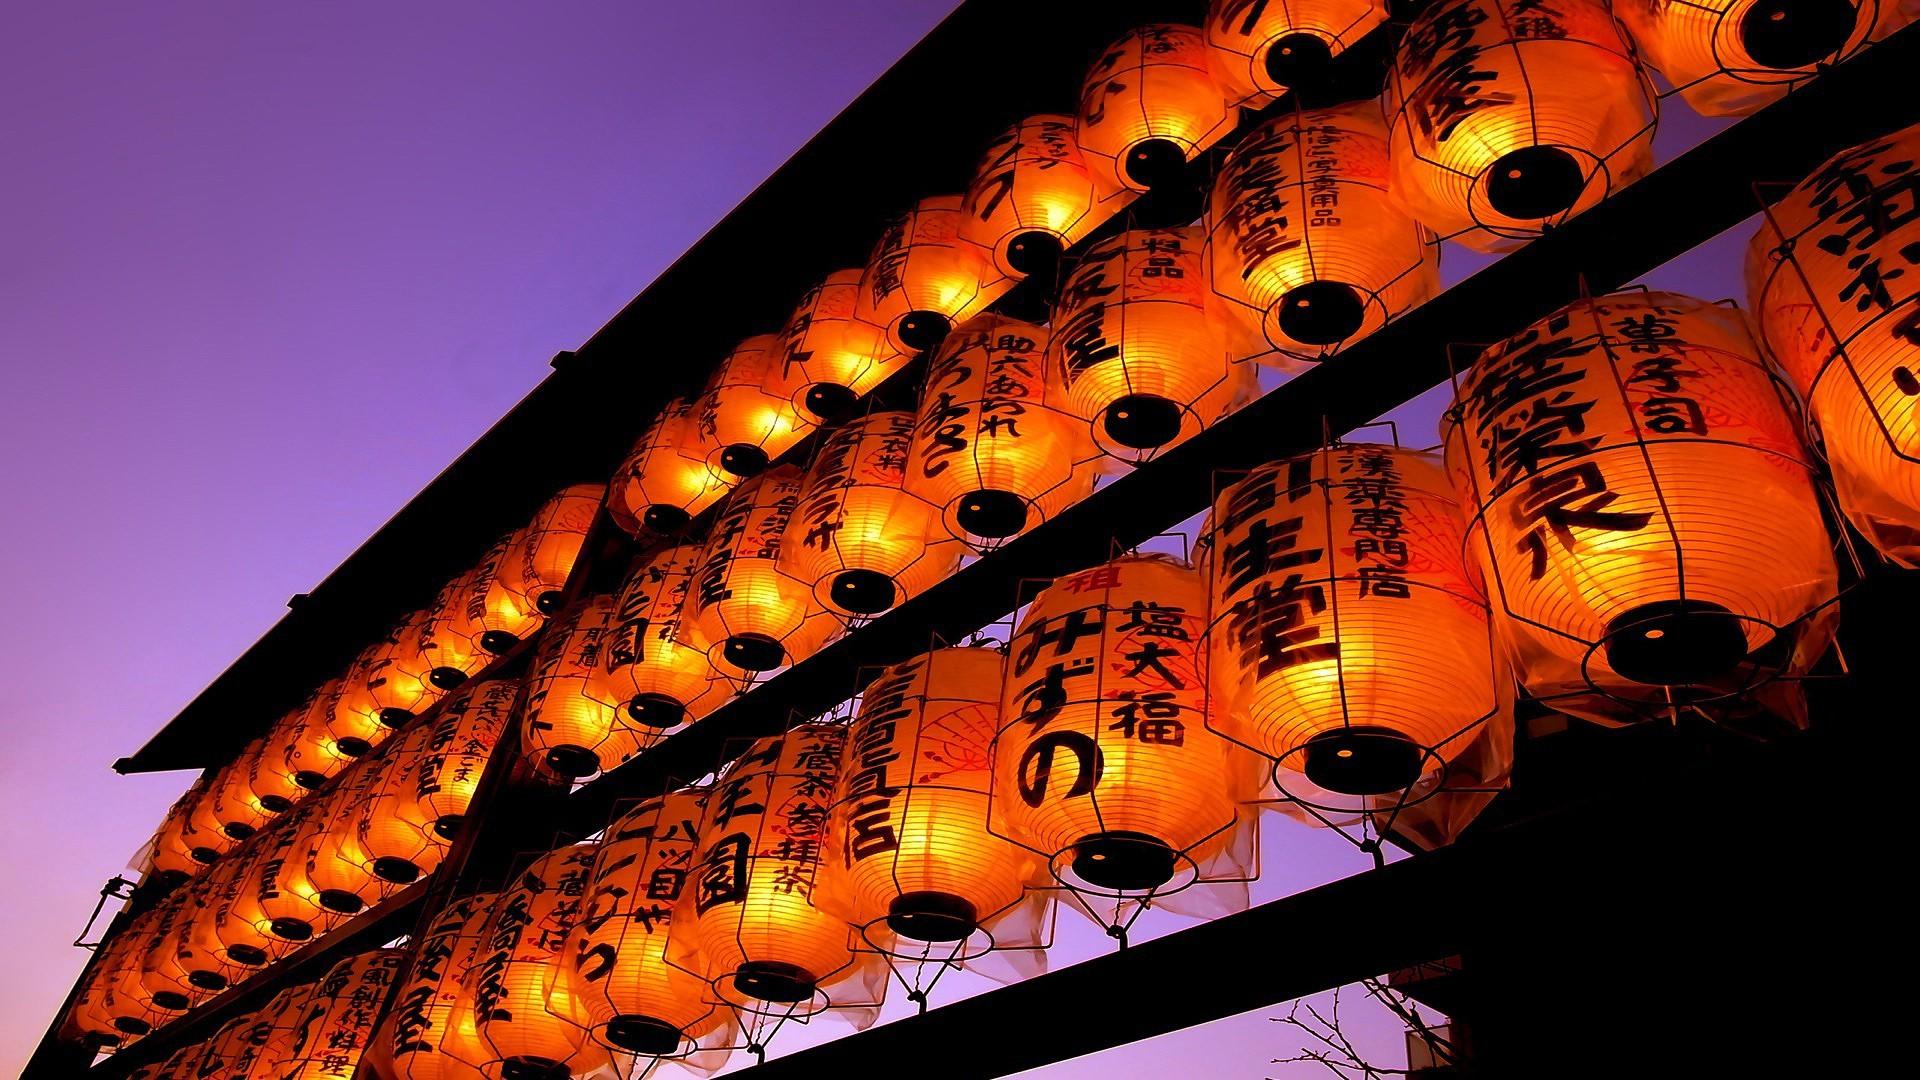 Đèn Đêm Nhiếp Ảnh Đèn Lồng Màu Vàng Ánh Sáng Màu Hoa Thắp Sáng Hình Dạng